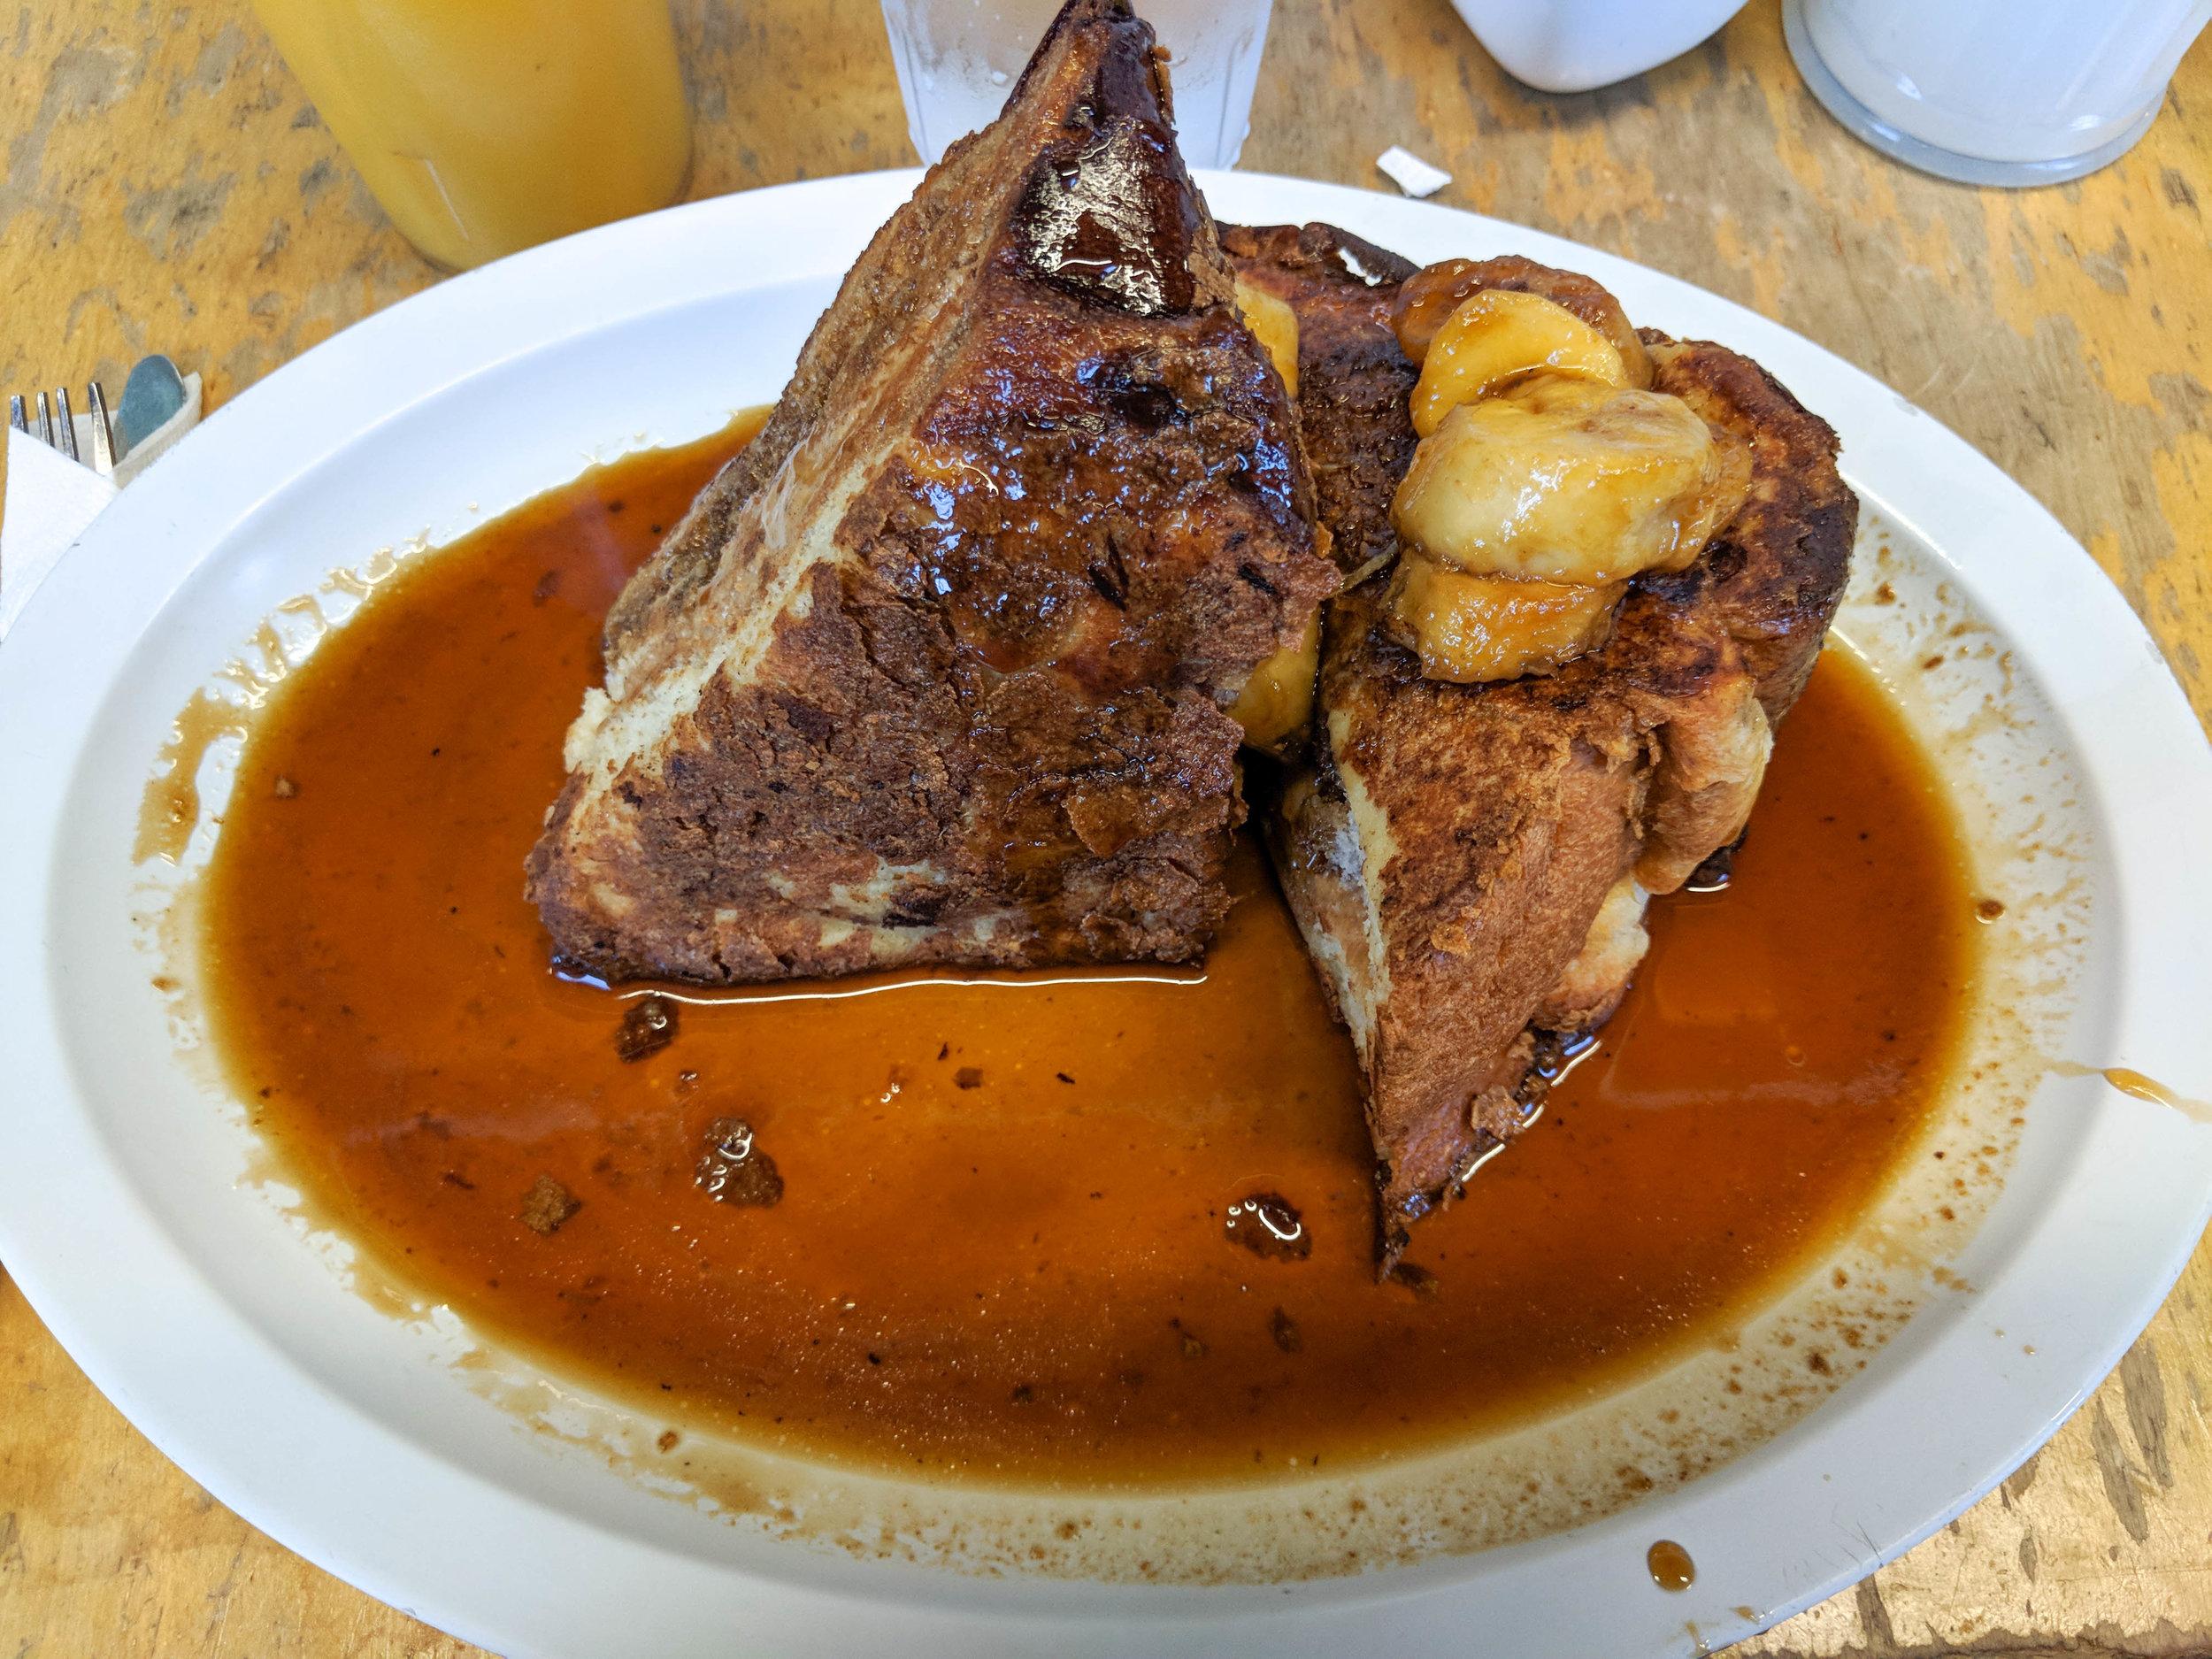 peanut butter french toast; bri rinehart; highland bakery; atlanta